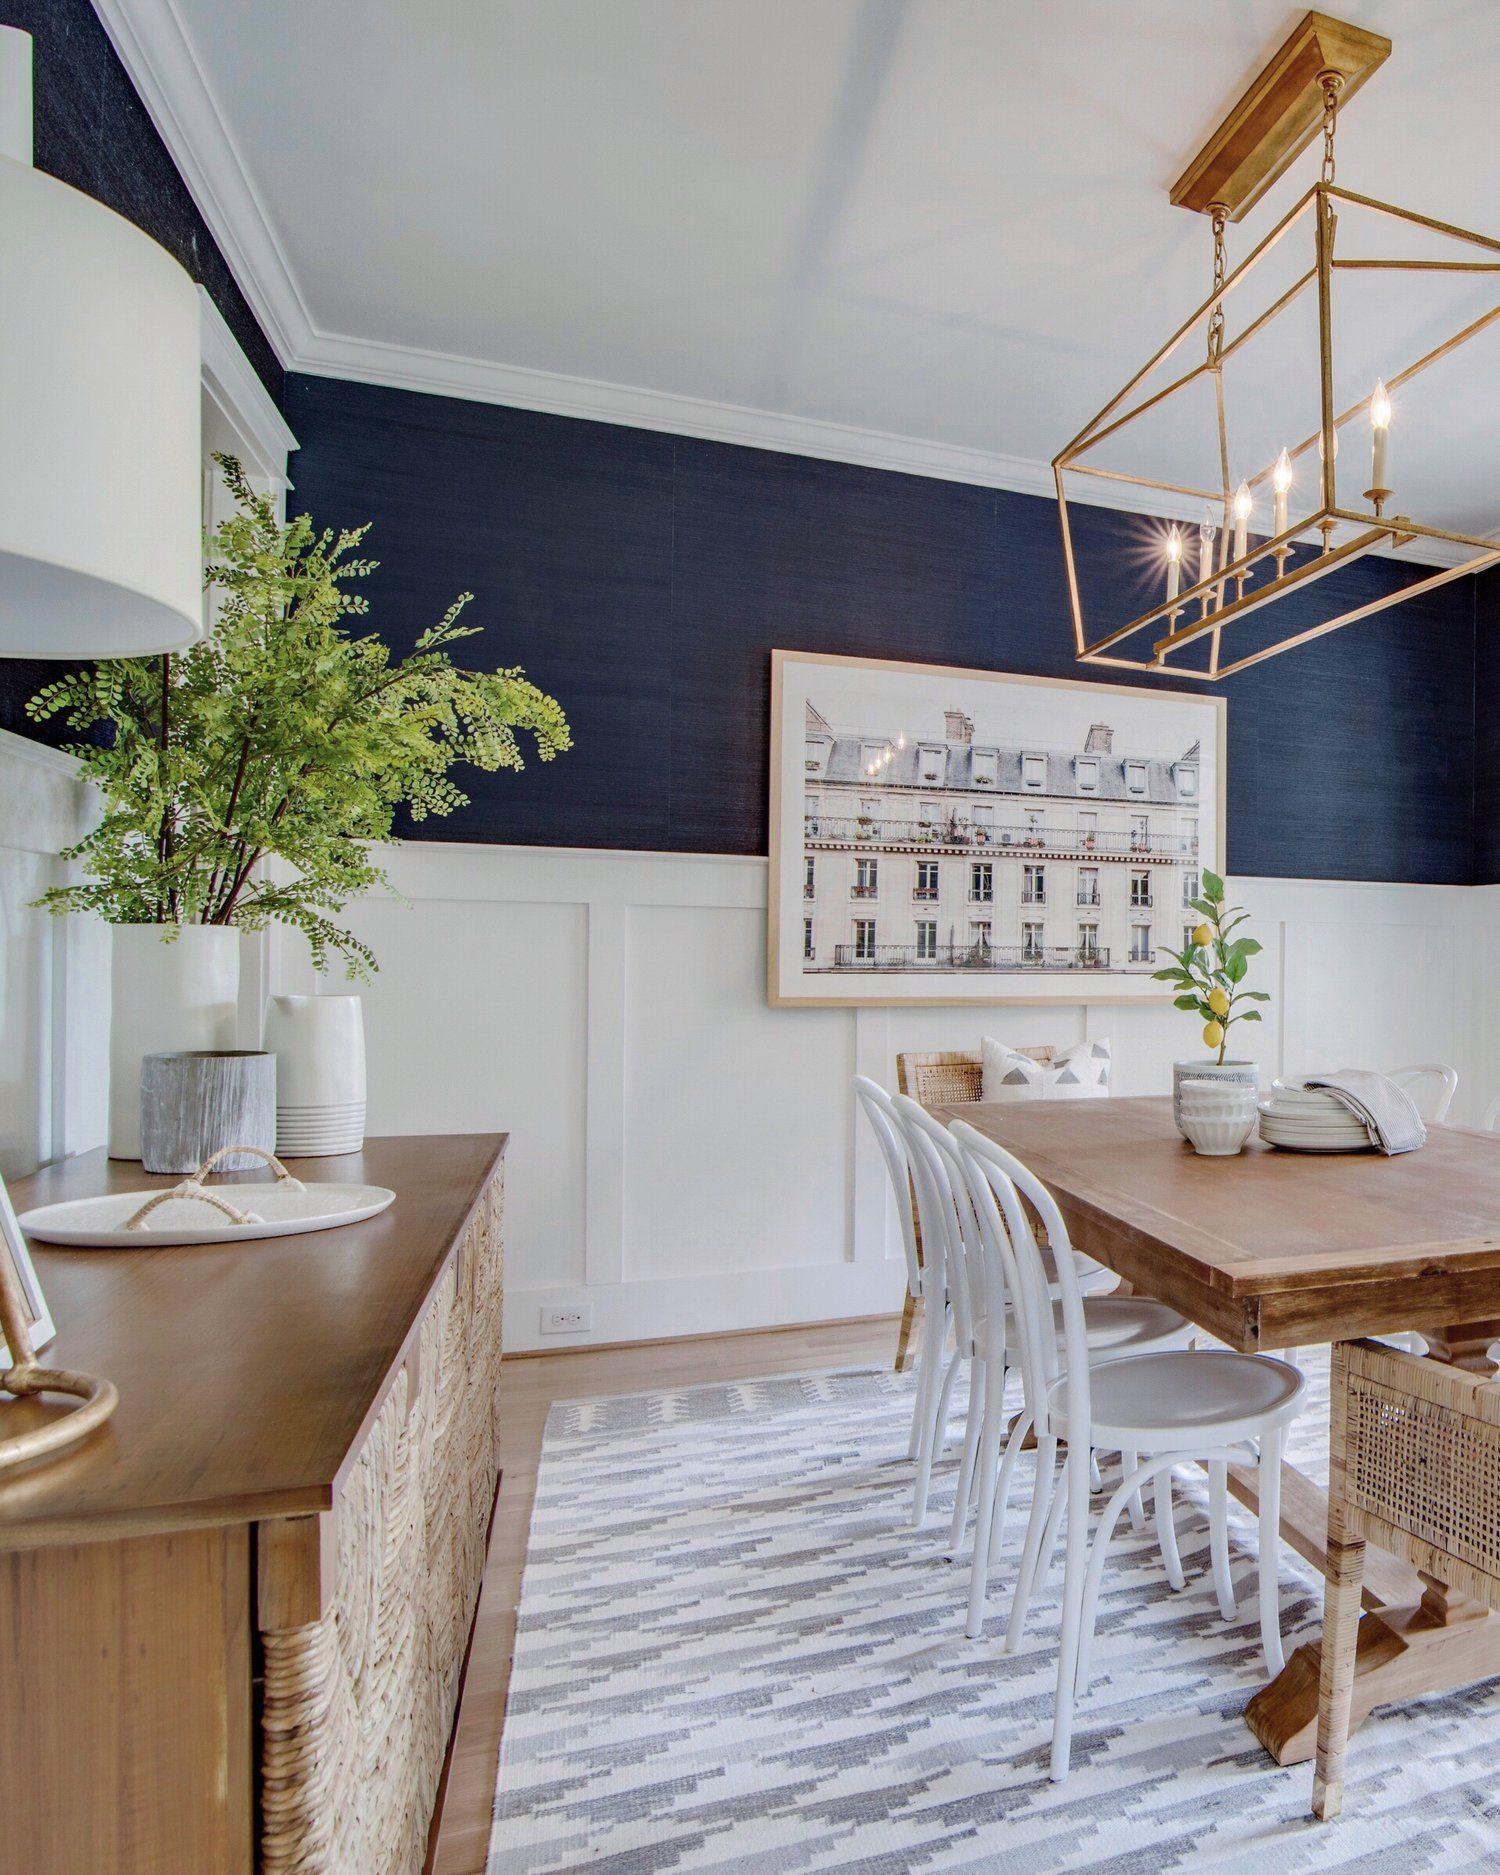 Dining Room Wallpaper, Navy Grasscloth Wallpaper Dining Room